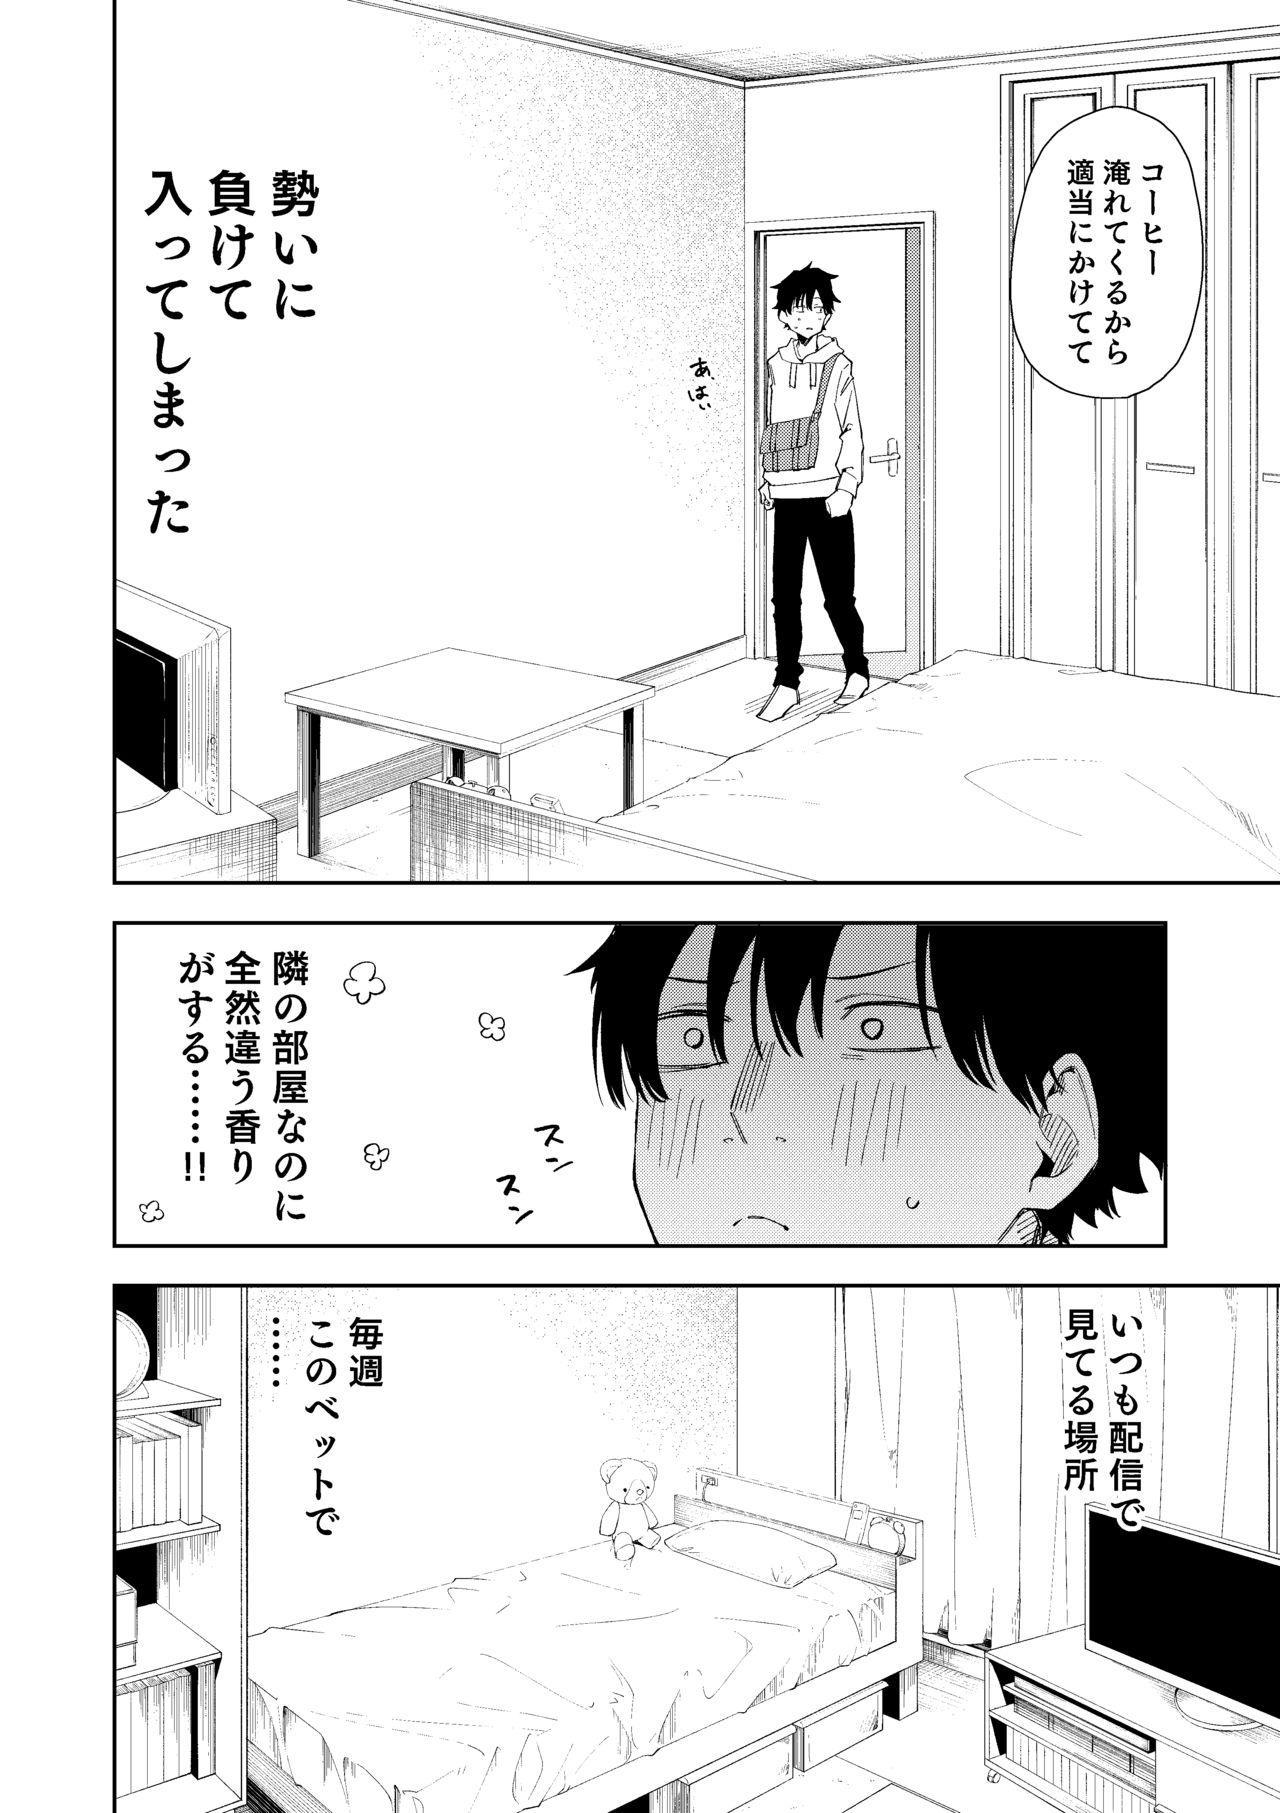 Rinjin wa Yuumei Haishinsha 6